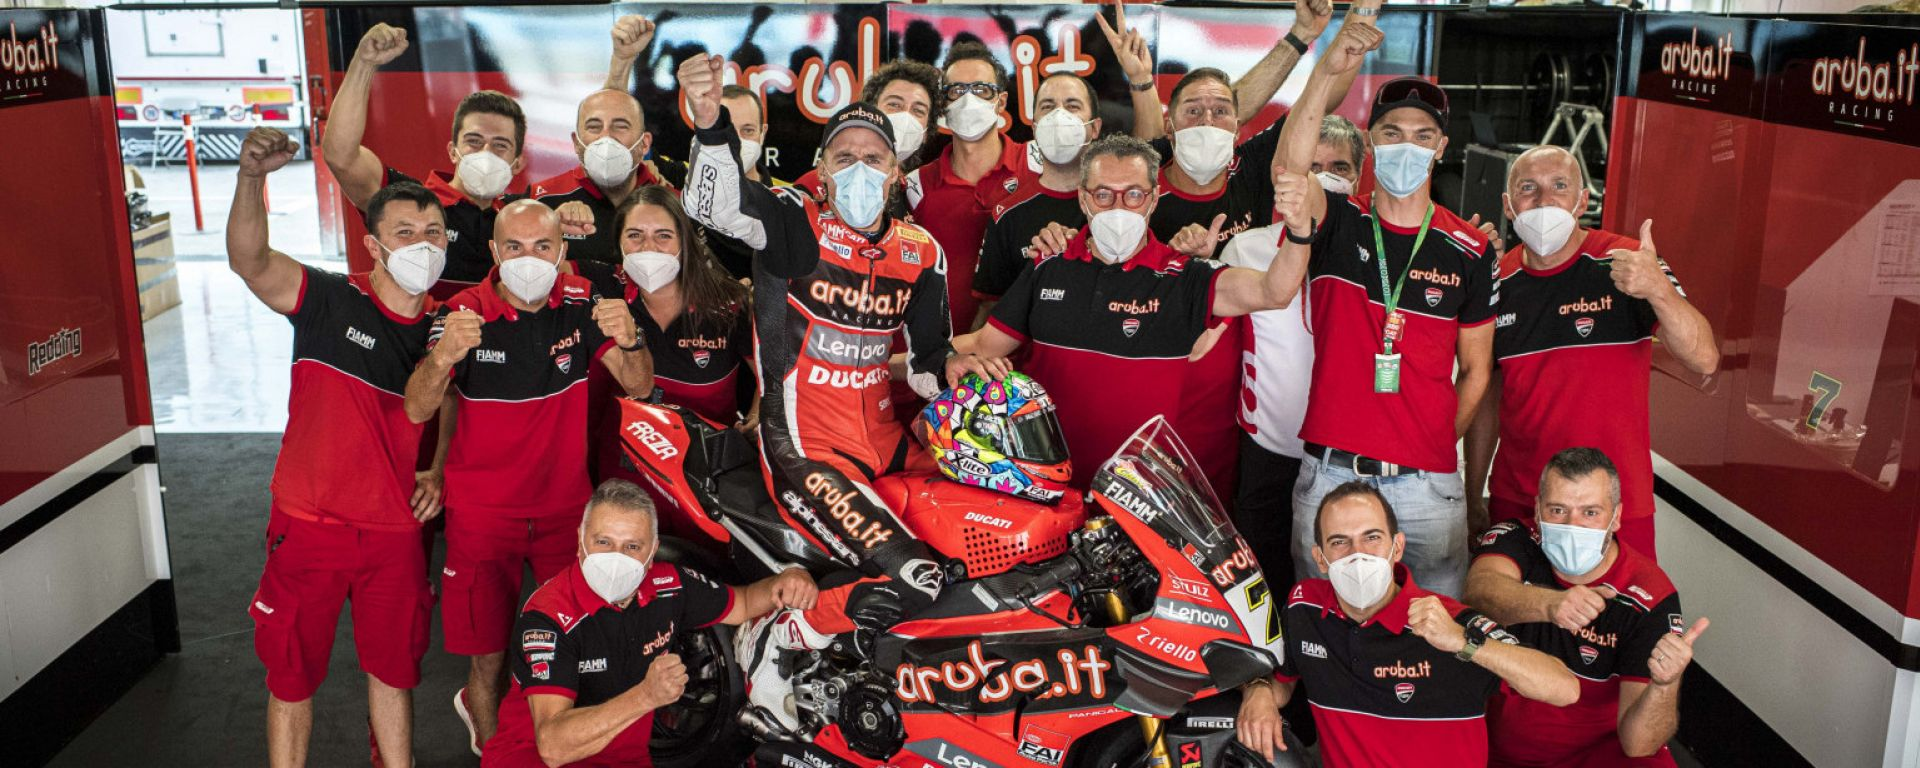 SBK Estoril: Chaz Davies saluta la Ducati con una vittoria